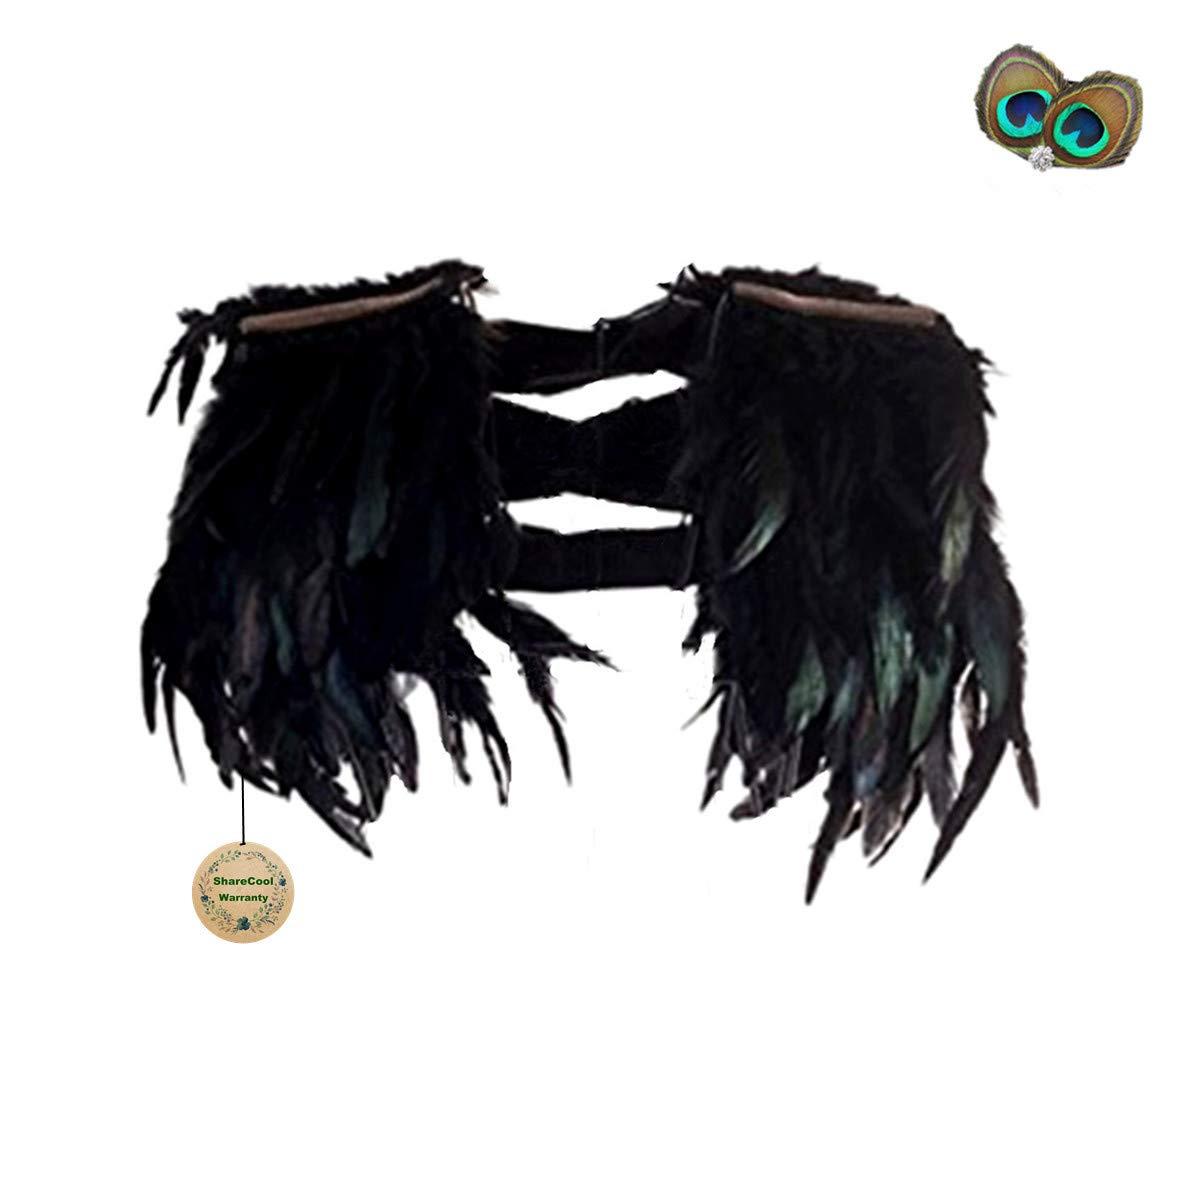 Mode-Feder-Kap-Stola Schwarz Schal Scapular Irisierende Epaulet f/ür Fringe Abendkleid Coque Typ 1